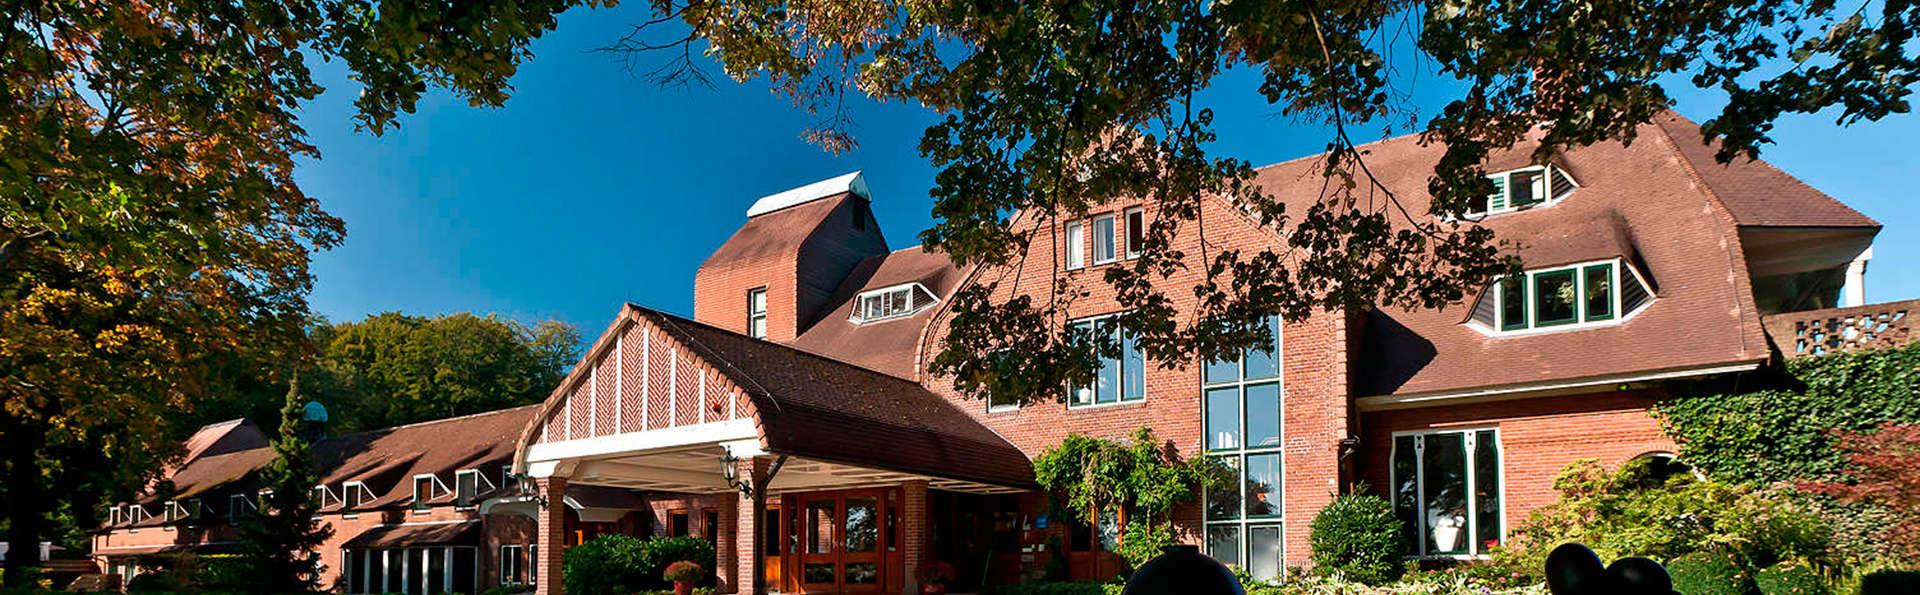 Landgoed De Wilmersberg - EDIT_front1.jpg